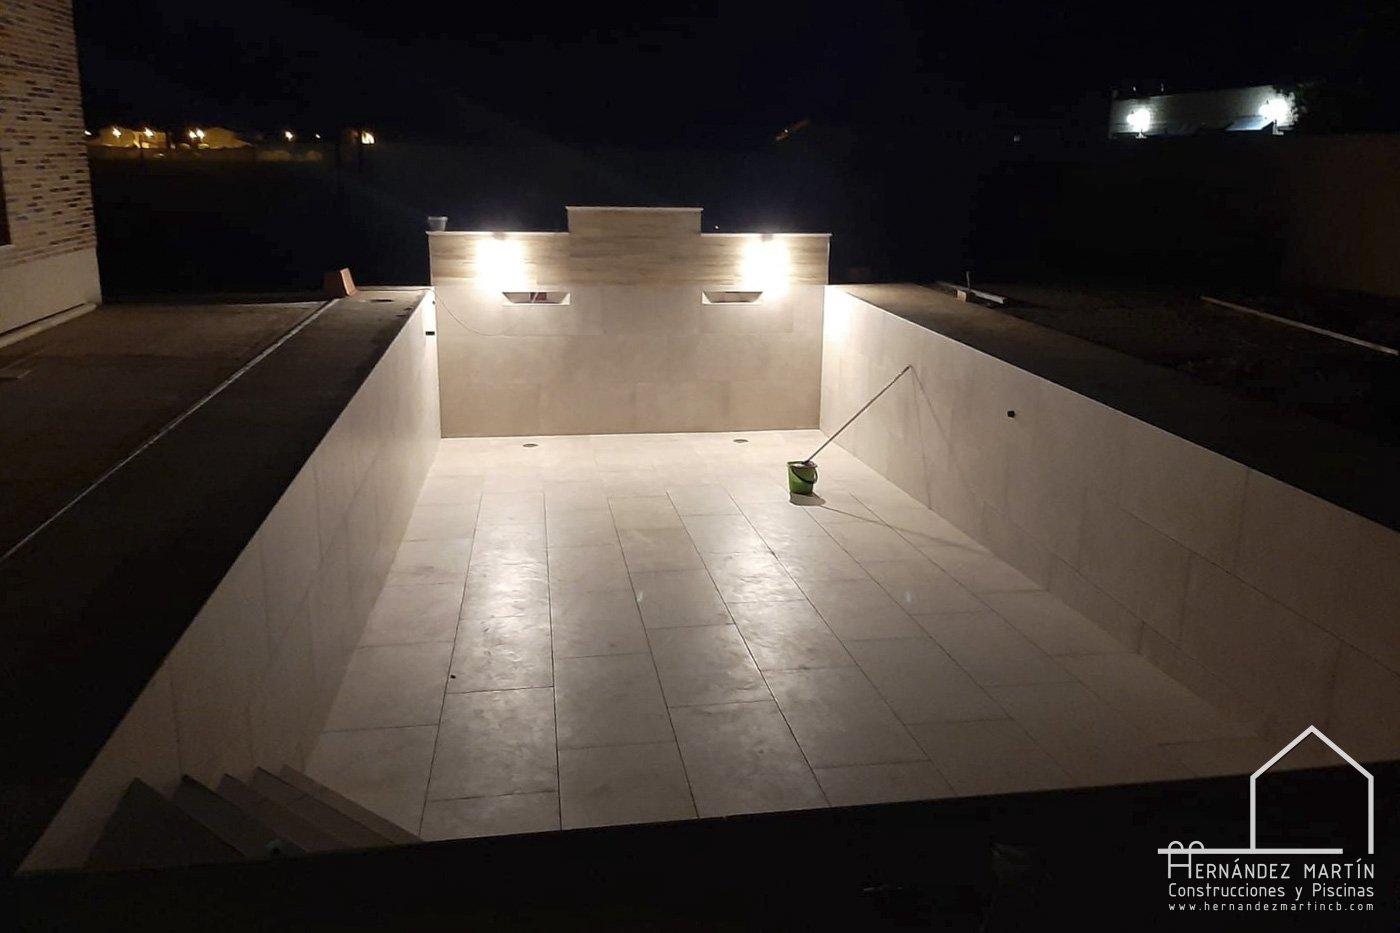 hernandez martin construcciones y piscinas experiencia obra piscina moderna plaqueta baldosa zamora salamanca valladolid